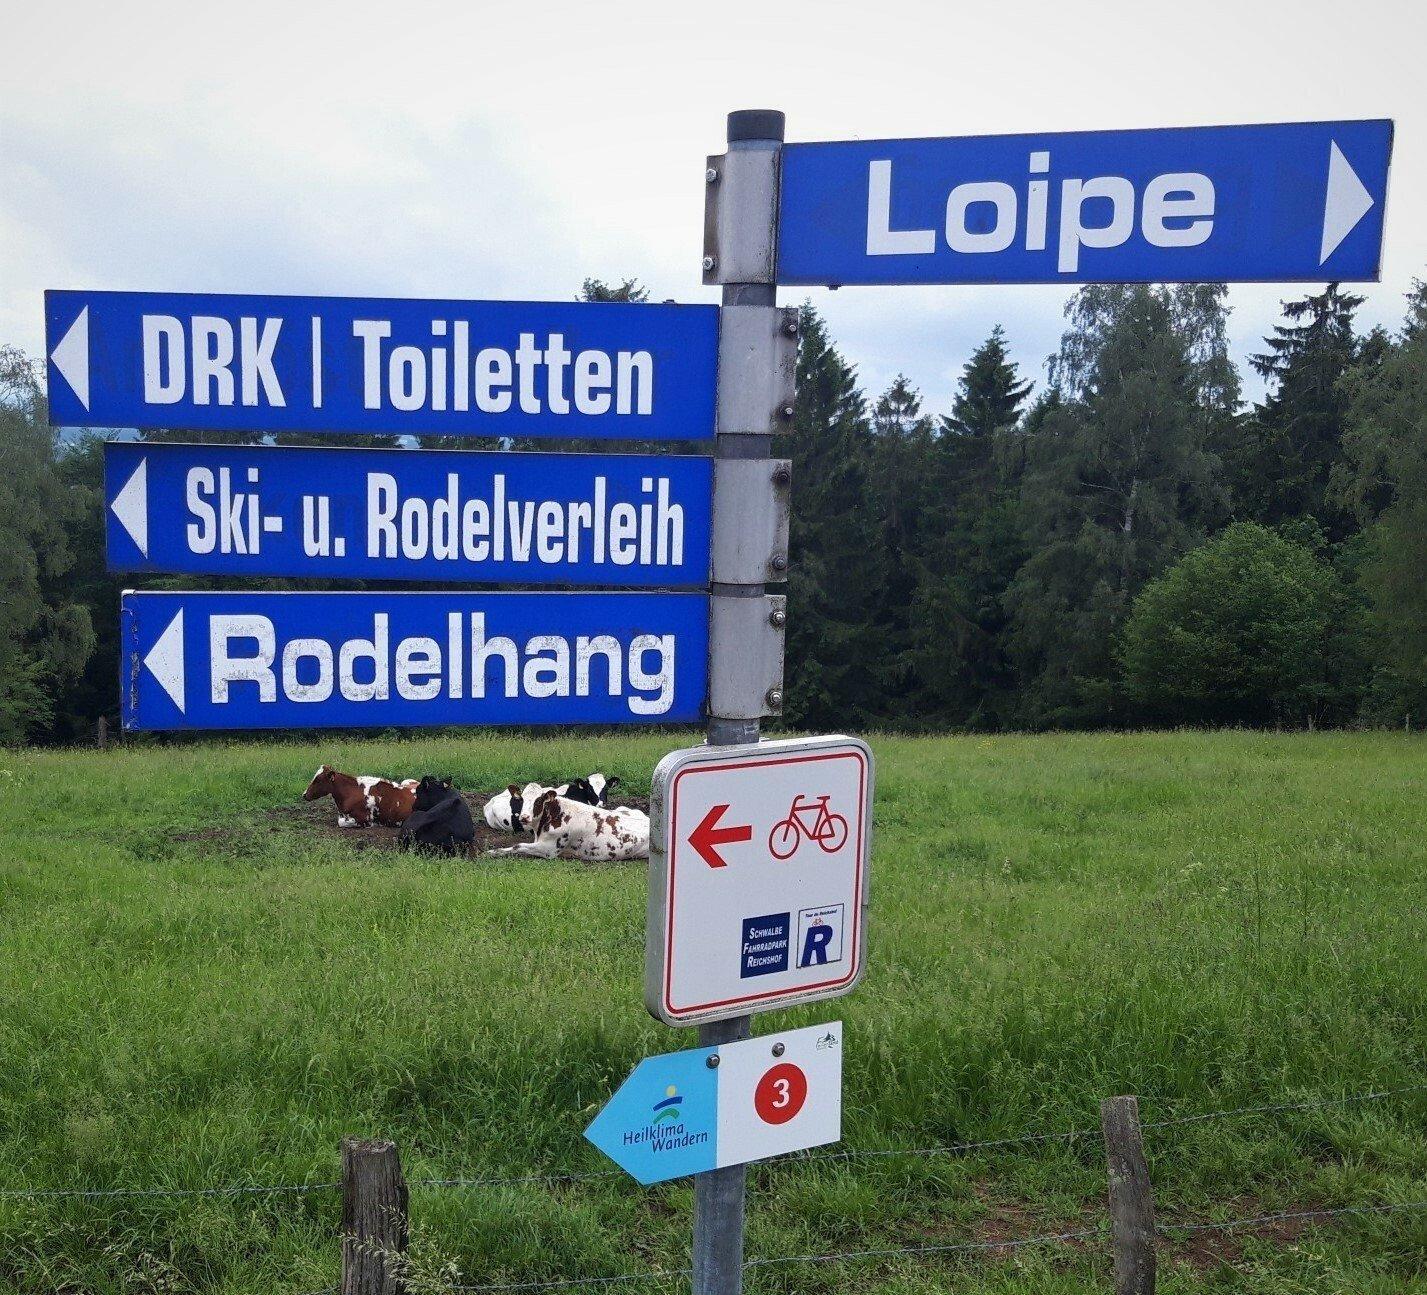 """Vor einer Weide mit Fleckvieh steht ein Schild mit den Hinweisen """"Loipe, Skiverleih, Rodelhang, Toiletten""""."""